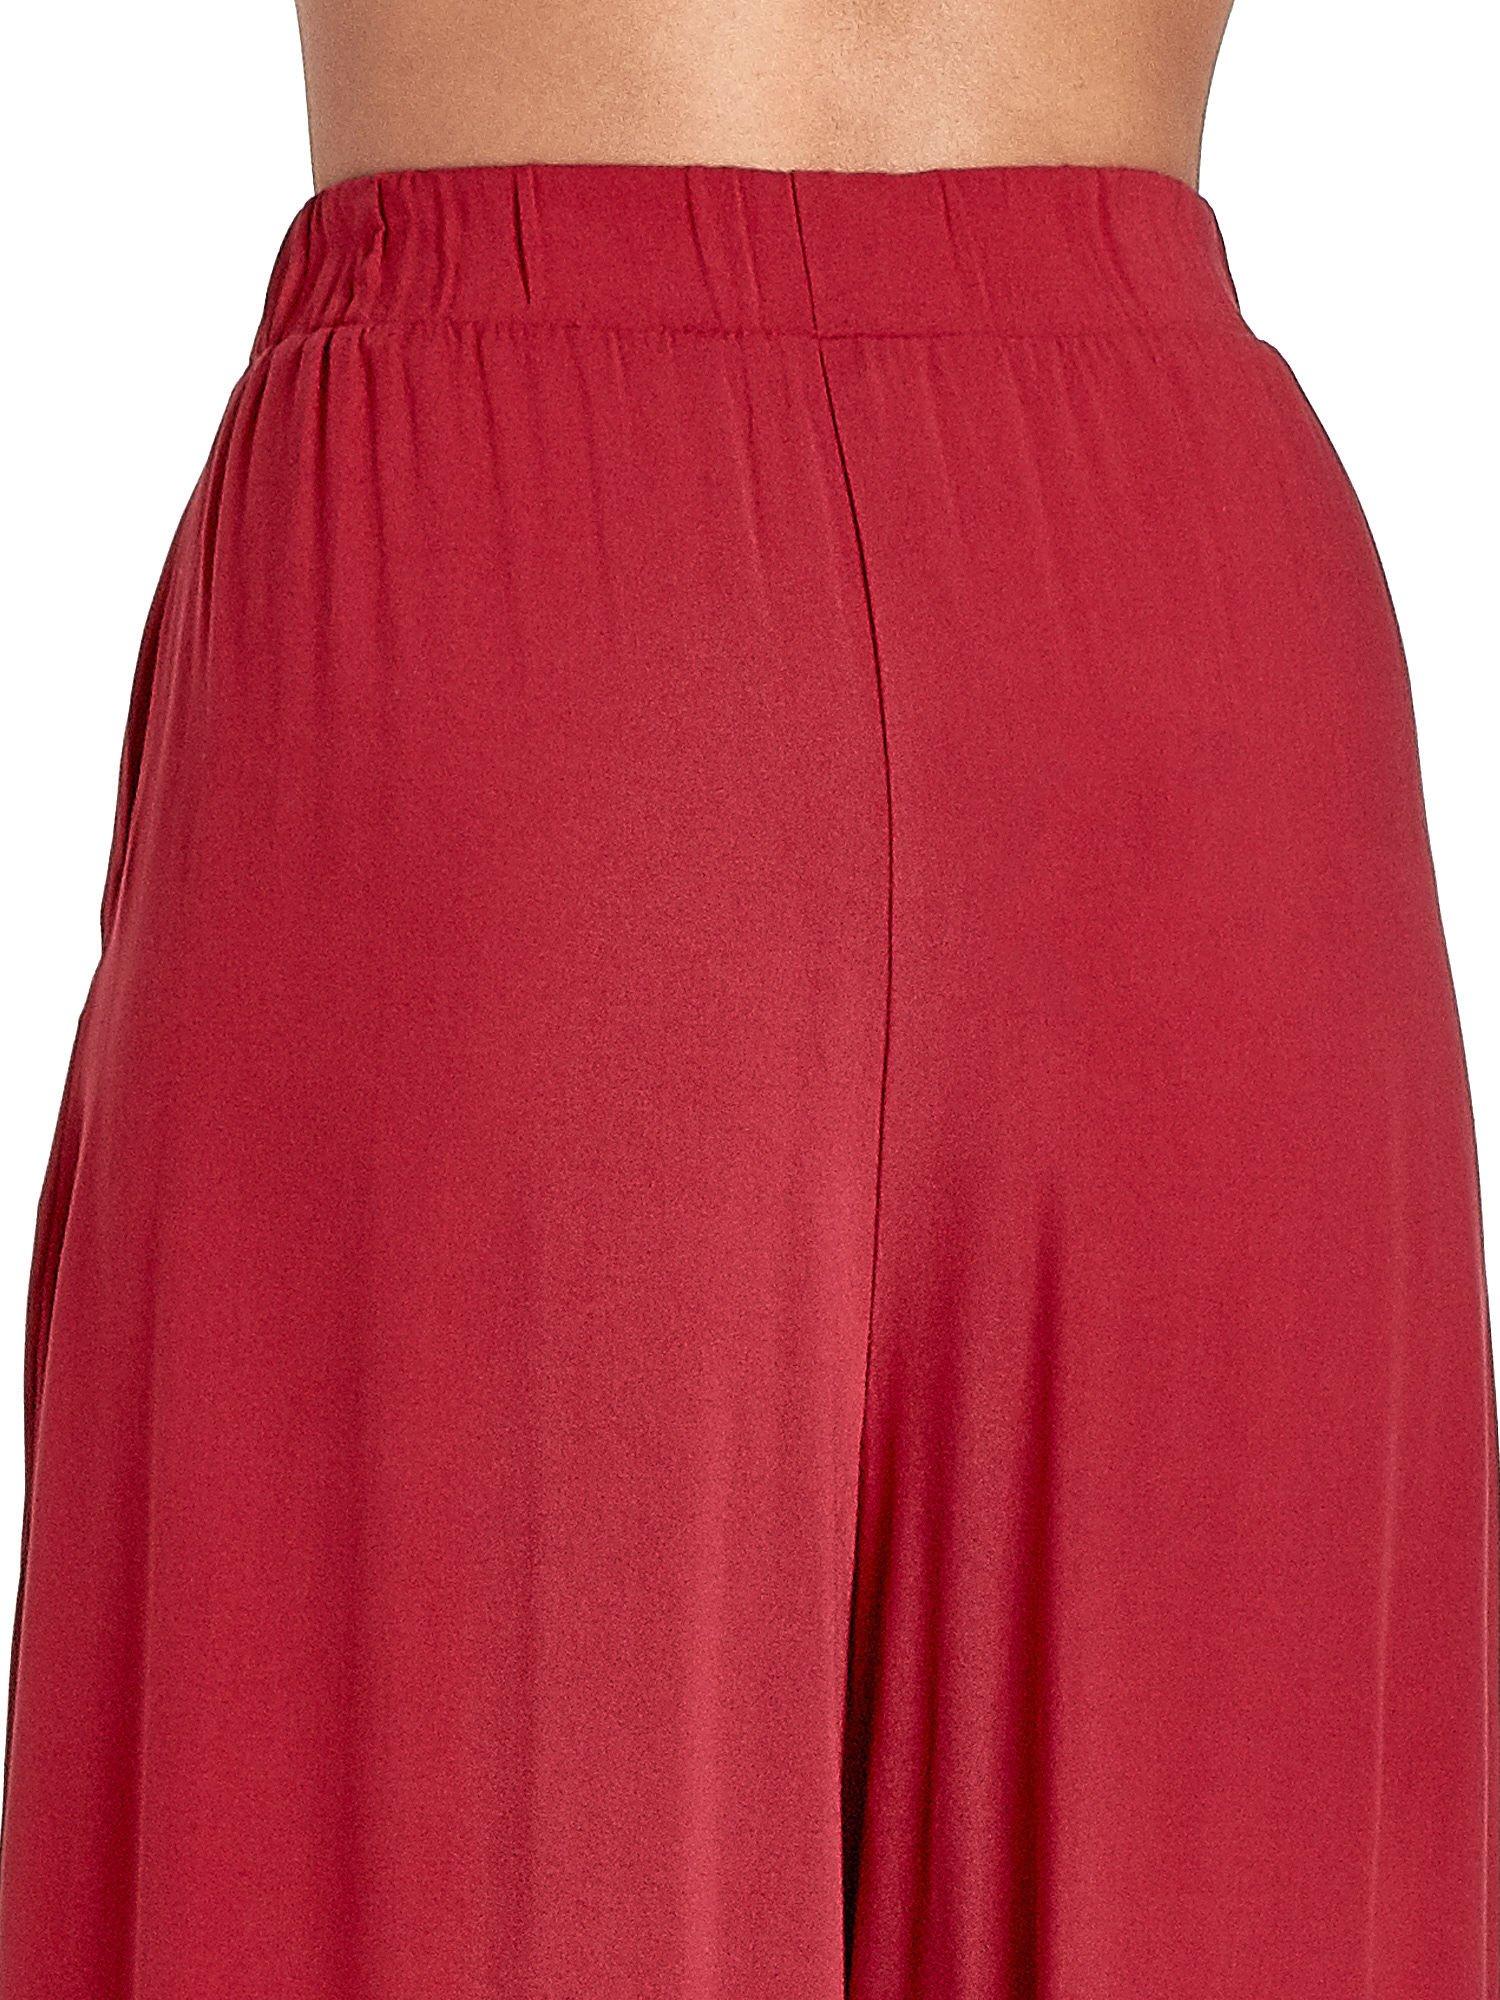 Czerwone zwiewne spodnie typu culottes                                  zdj.                                  6